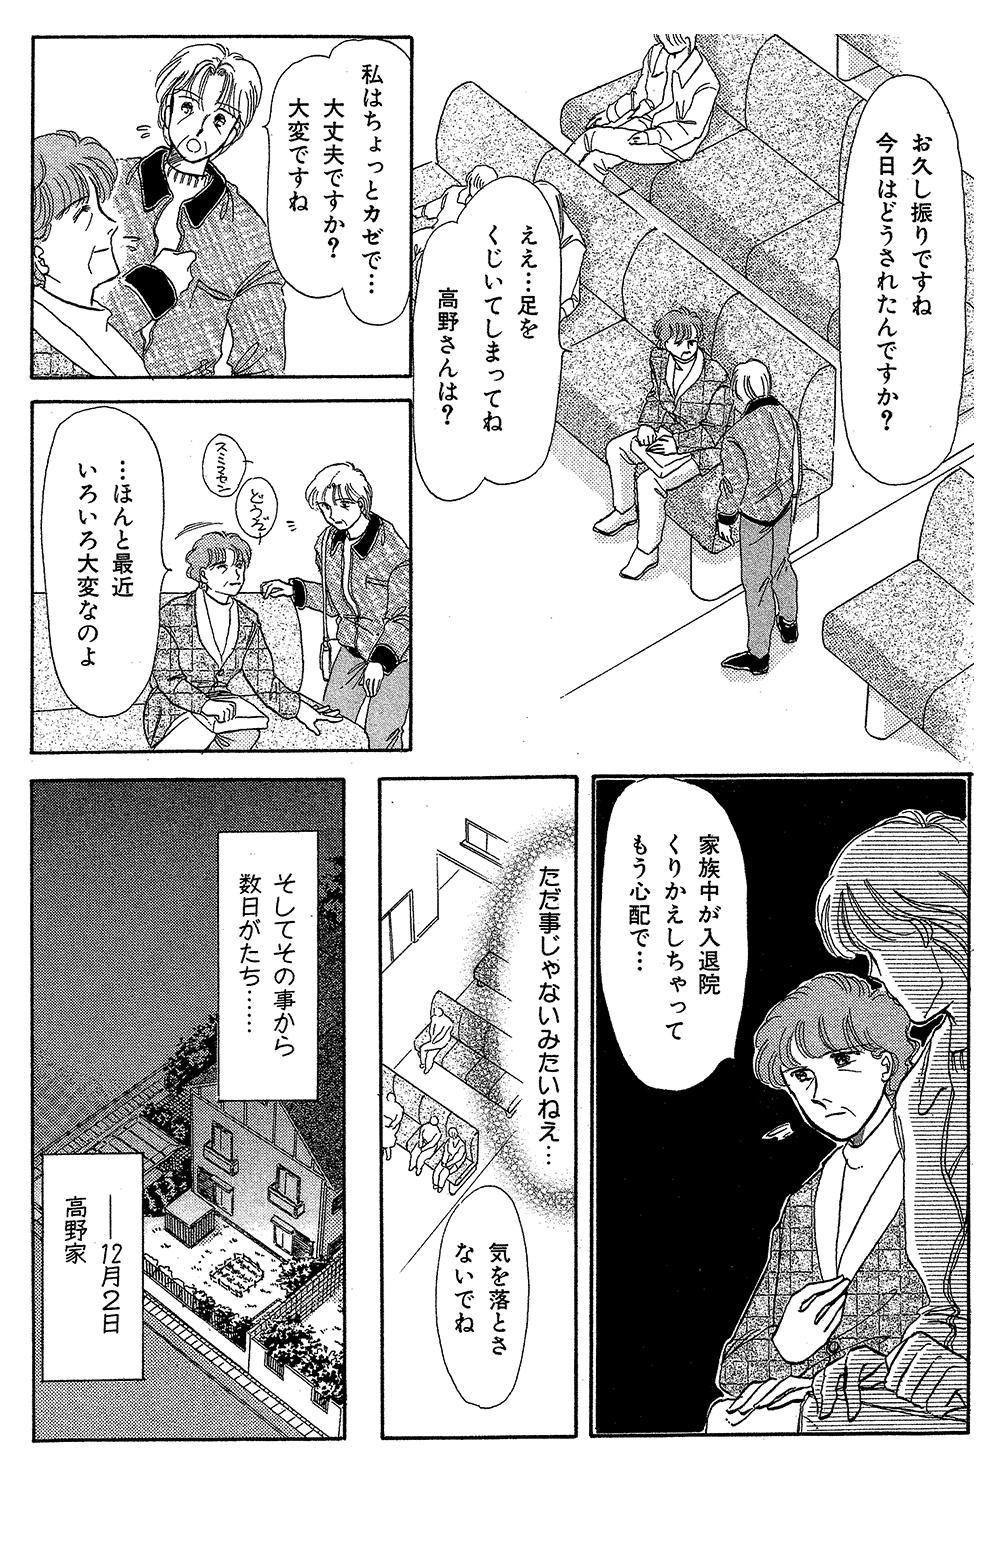 霊感ママシリーズ 第4話「母への道程」①reikanmama-03-102.jpg